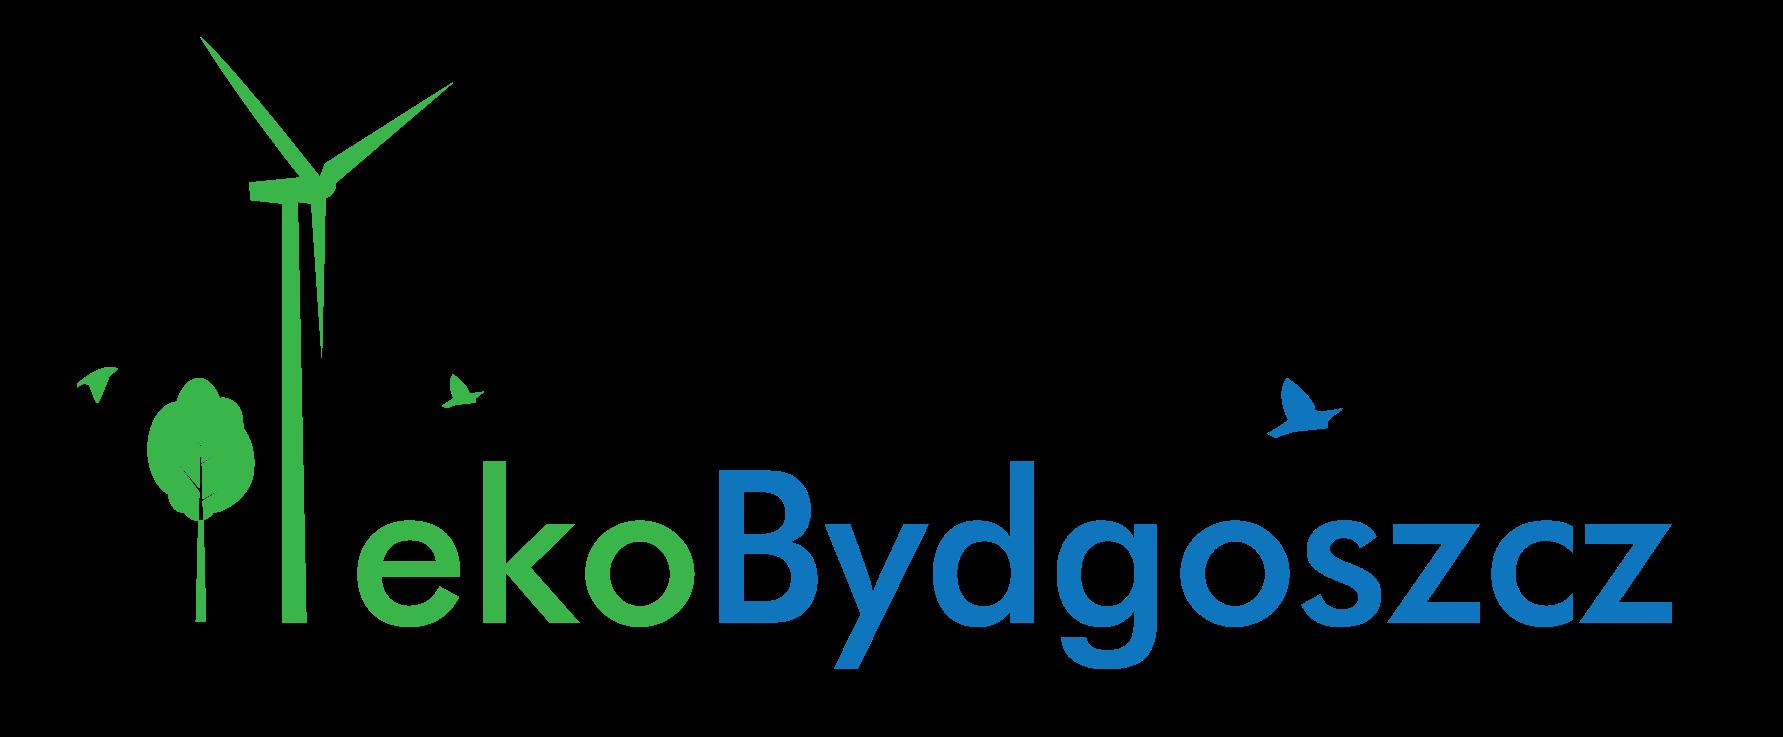 EKO Bydgoszcz